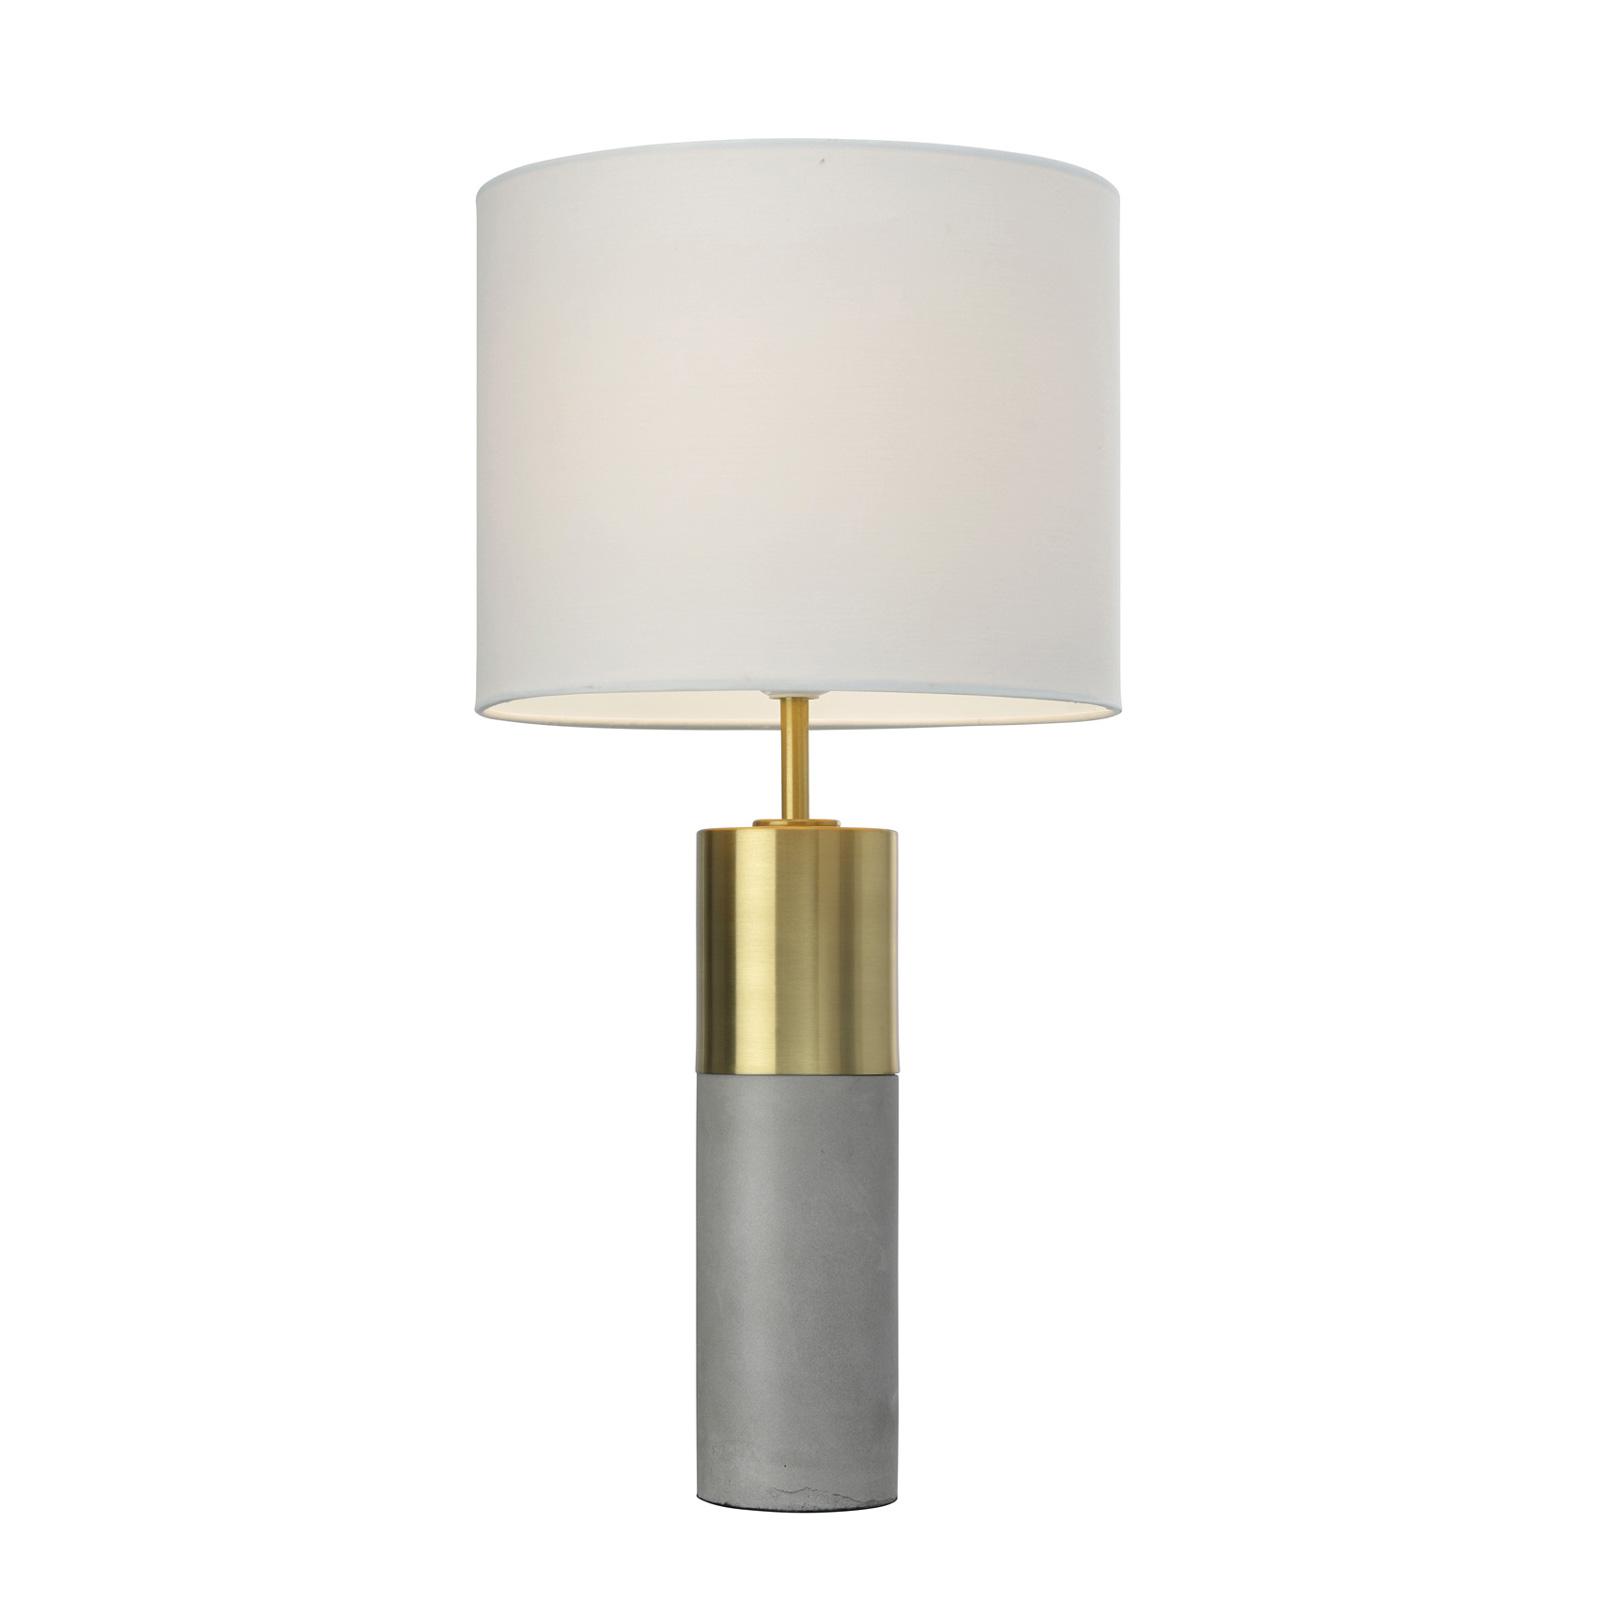 Villeroy & Boch Turin tafellamp, betonlook 25 cm